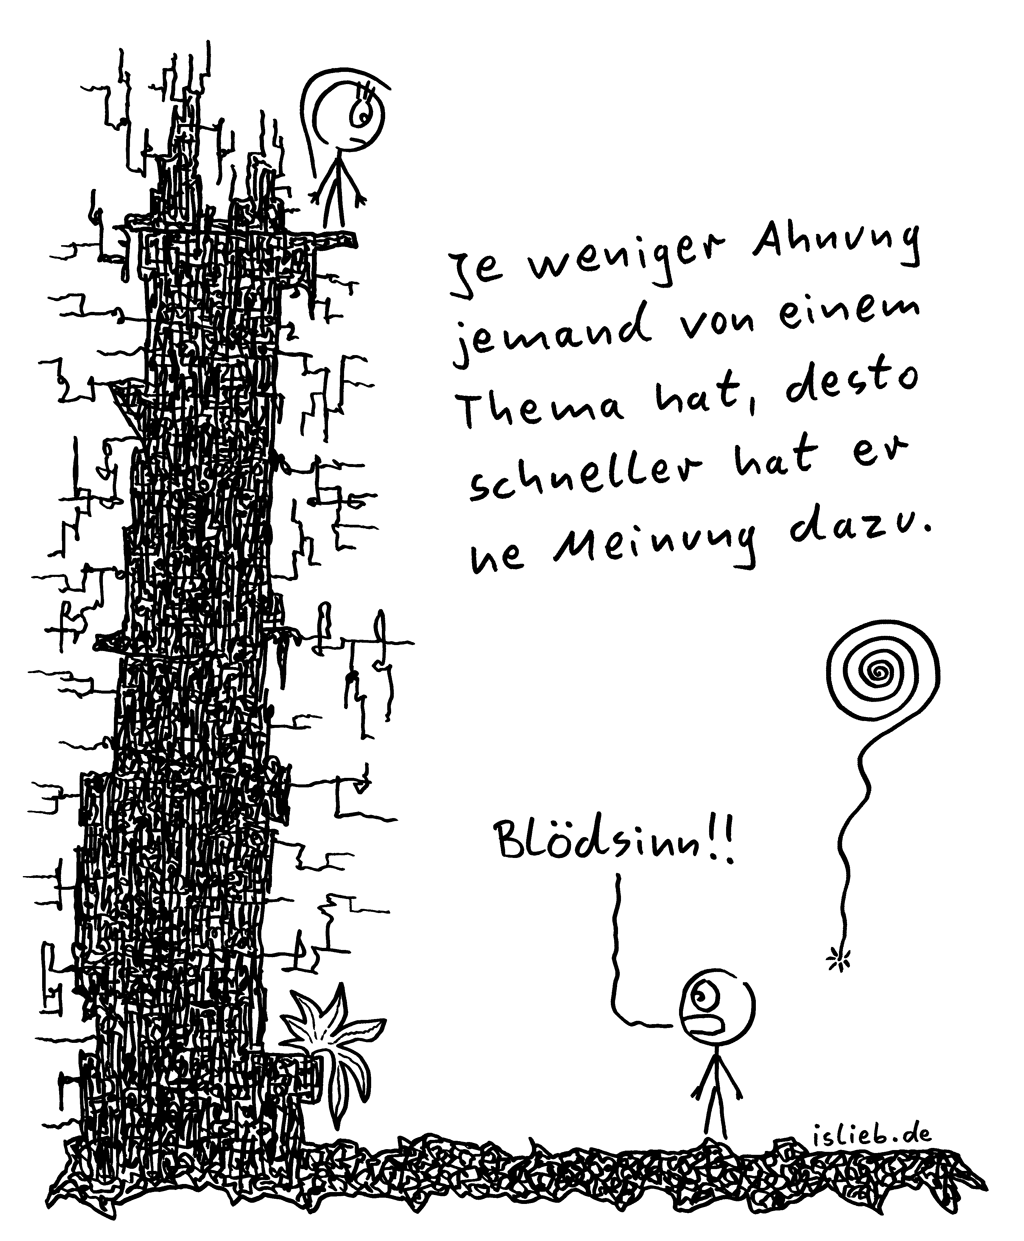 Meinung / Ahnung | Philosophie-Cartoon | is lieb? | Je weniger Ahnung jemand von einem Thema hat, desto schneller hat er ne Meinung dazu. | Blödsinn! | Sprüche, Spruchbild